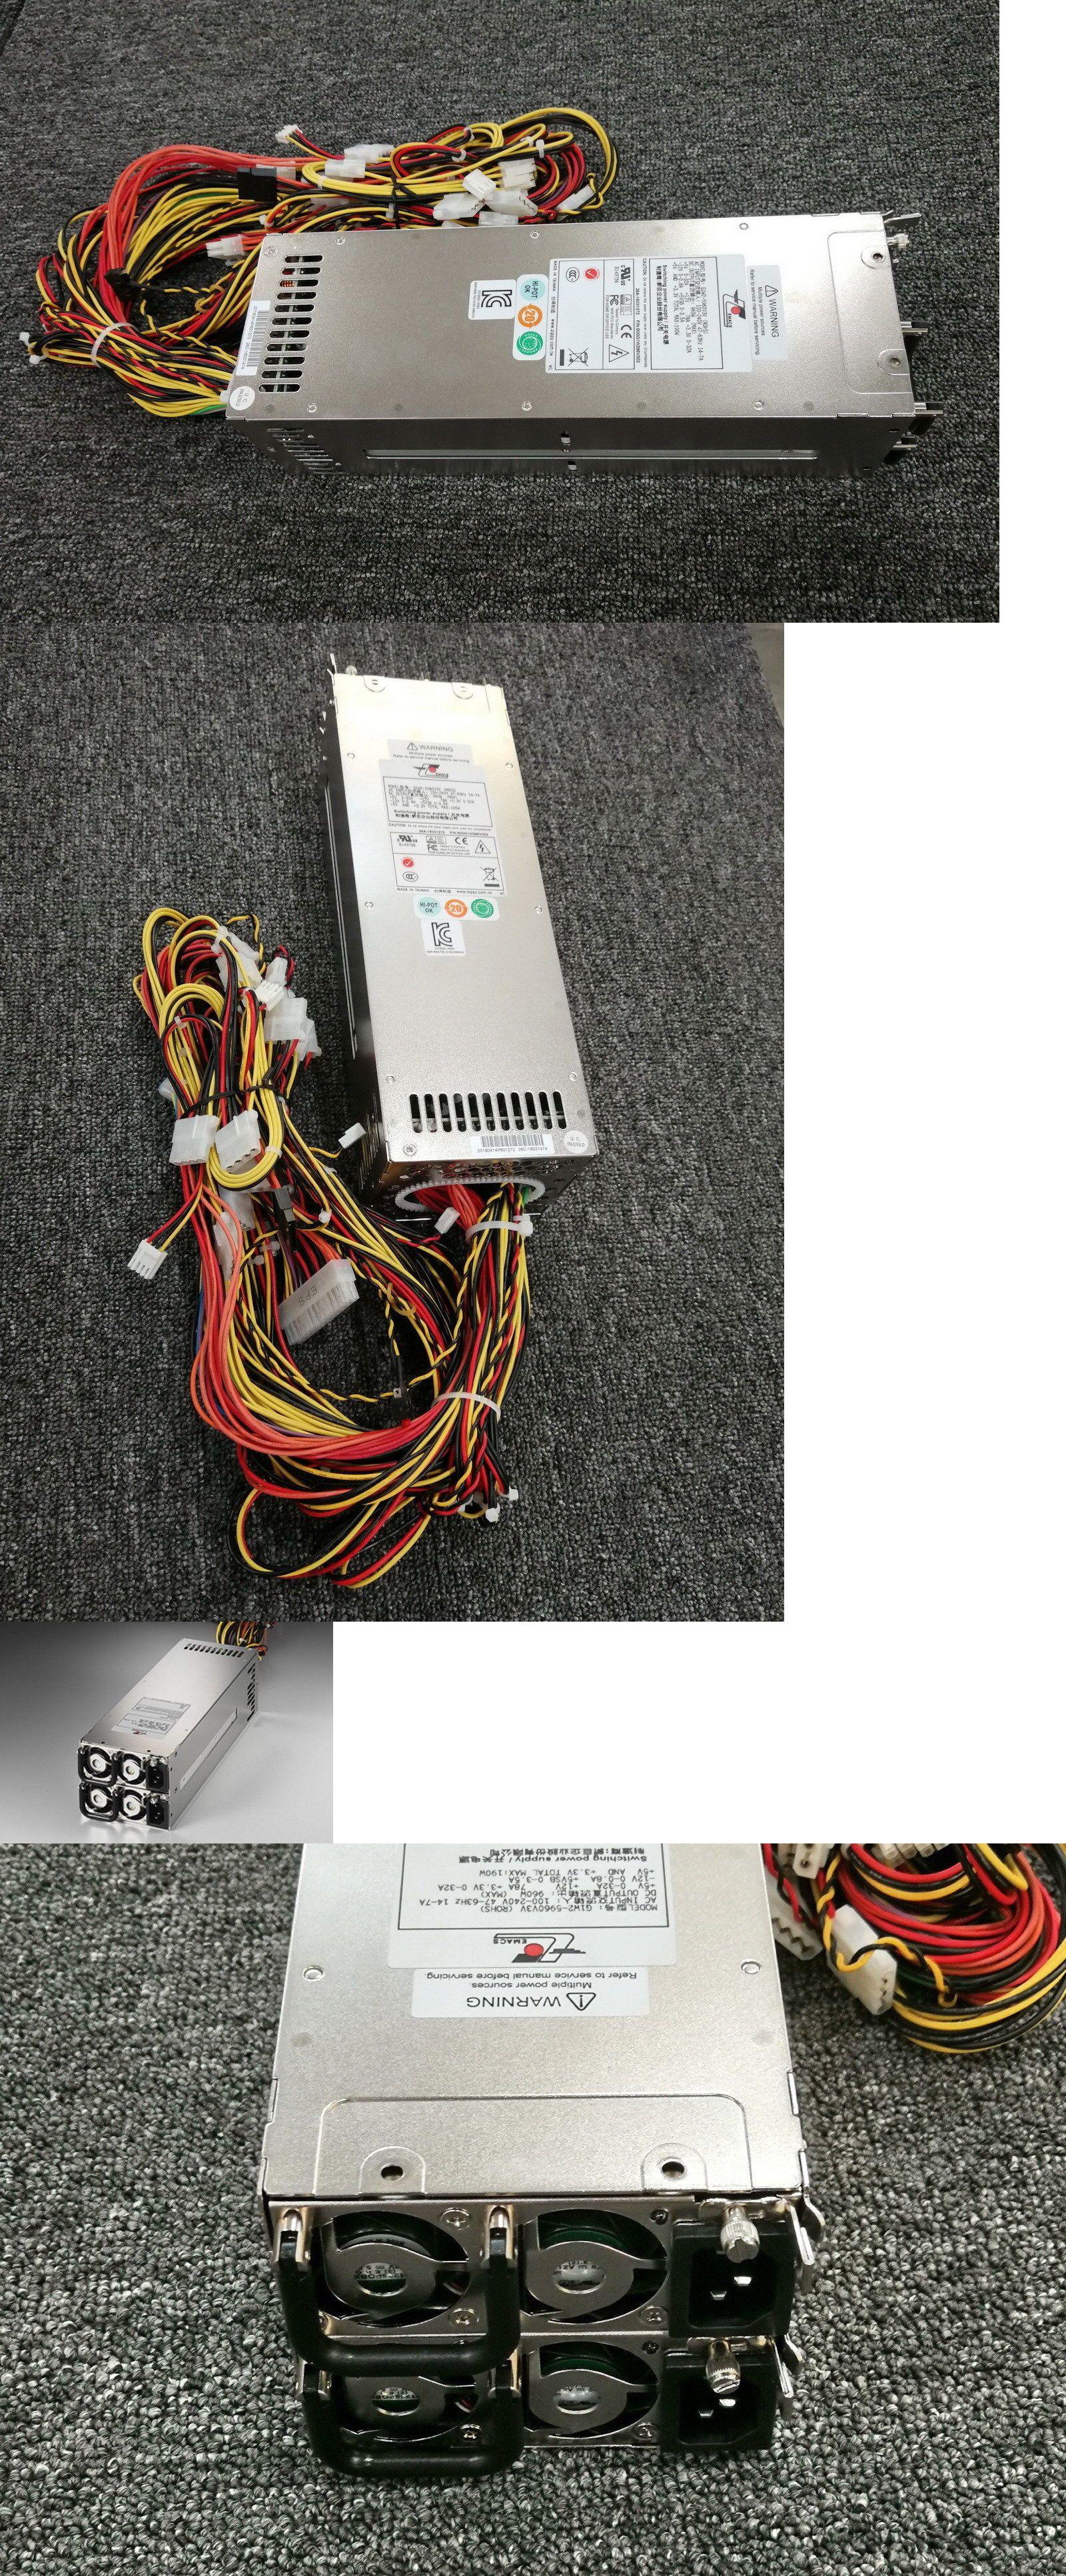 Server Power Supplies 56090 New G1w2 5960v3v Redundant Power Supply Zippy 960w G1w2 5960v3v For 2u 5u Buy It Now Only 93 On Eb Power Supply Power Ebay